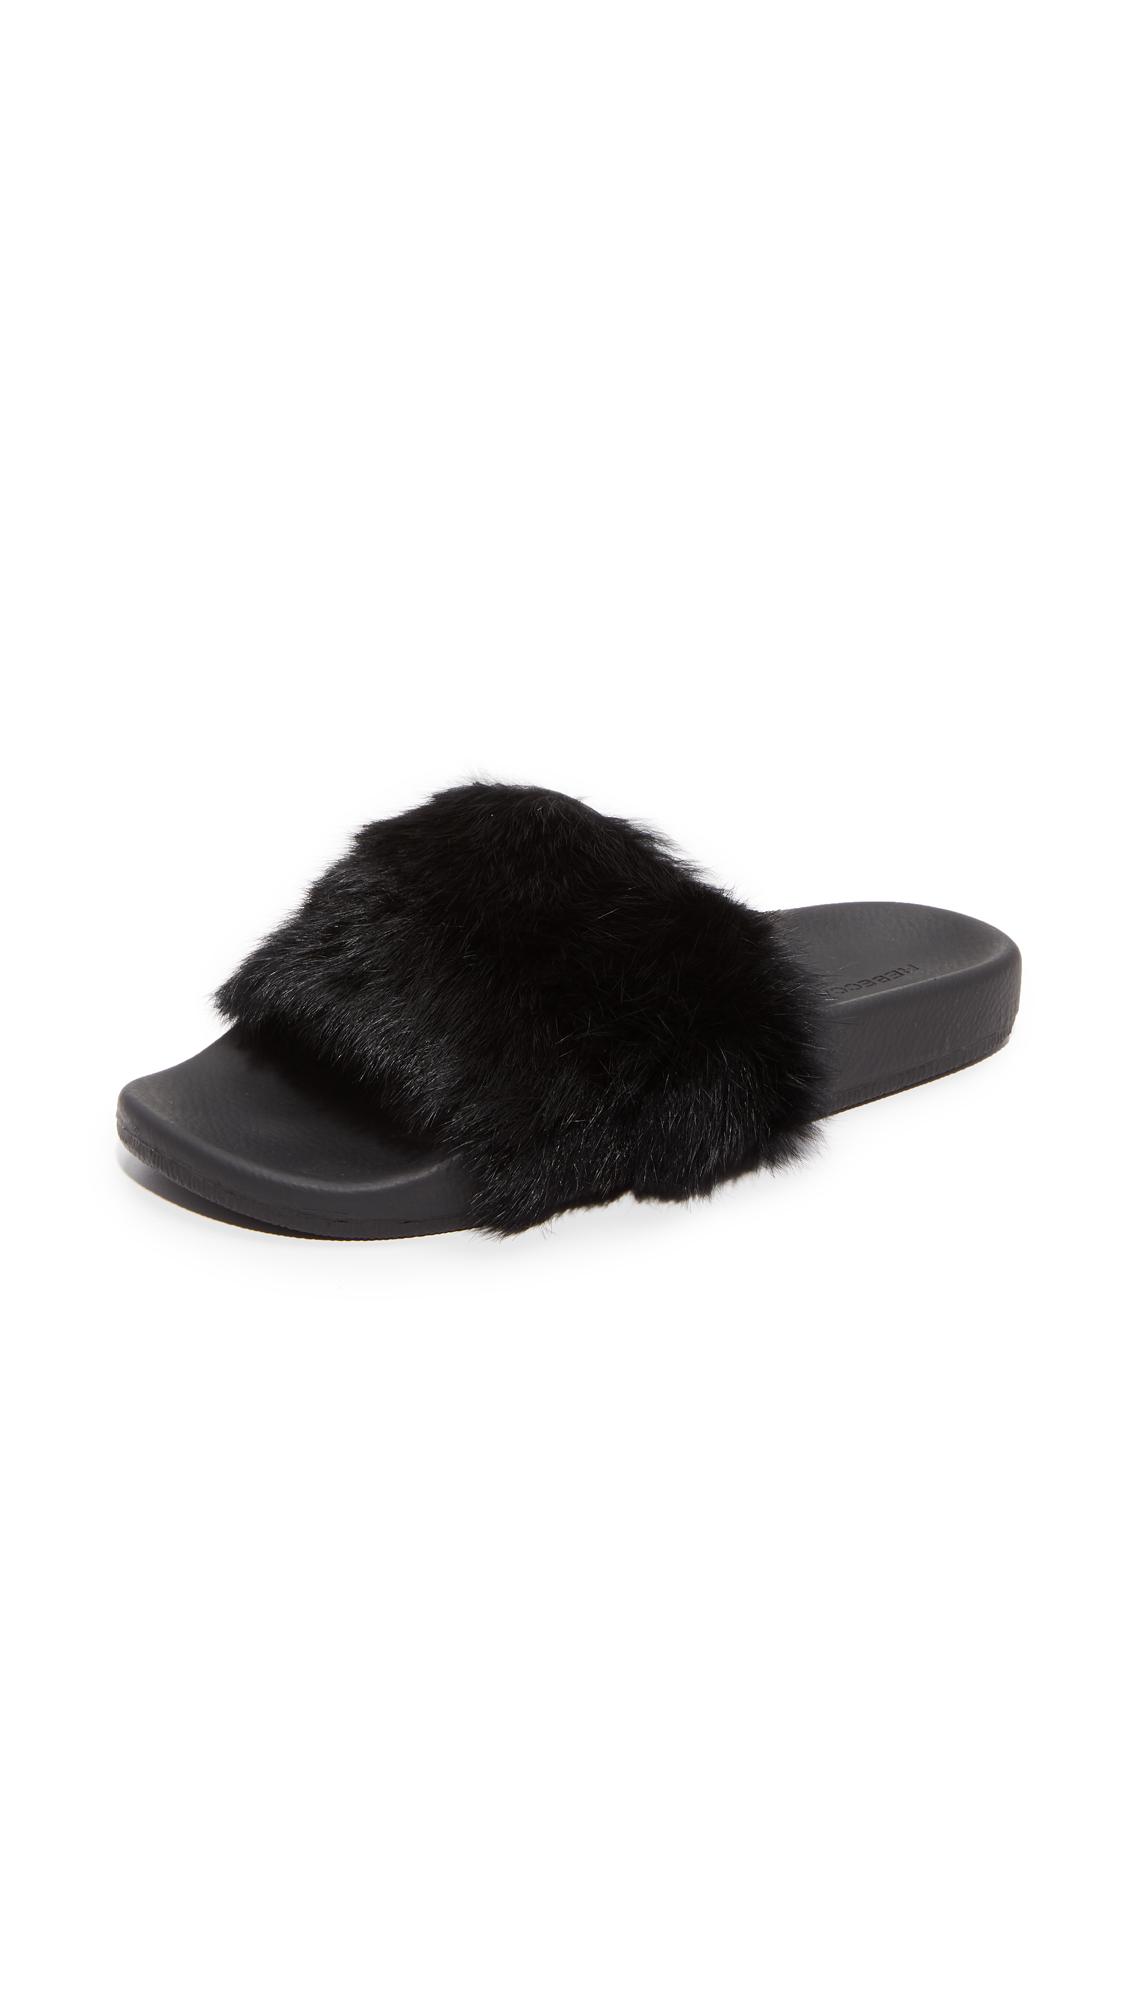 Rebecca Minkoff Sammi Fur Slides - Black